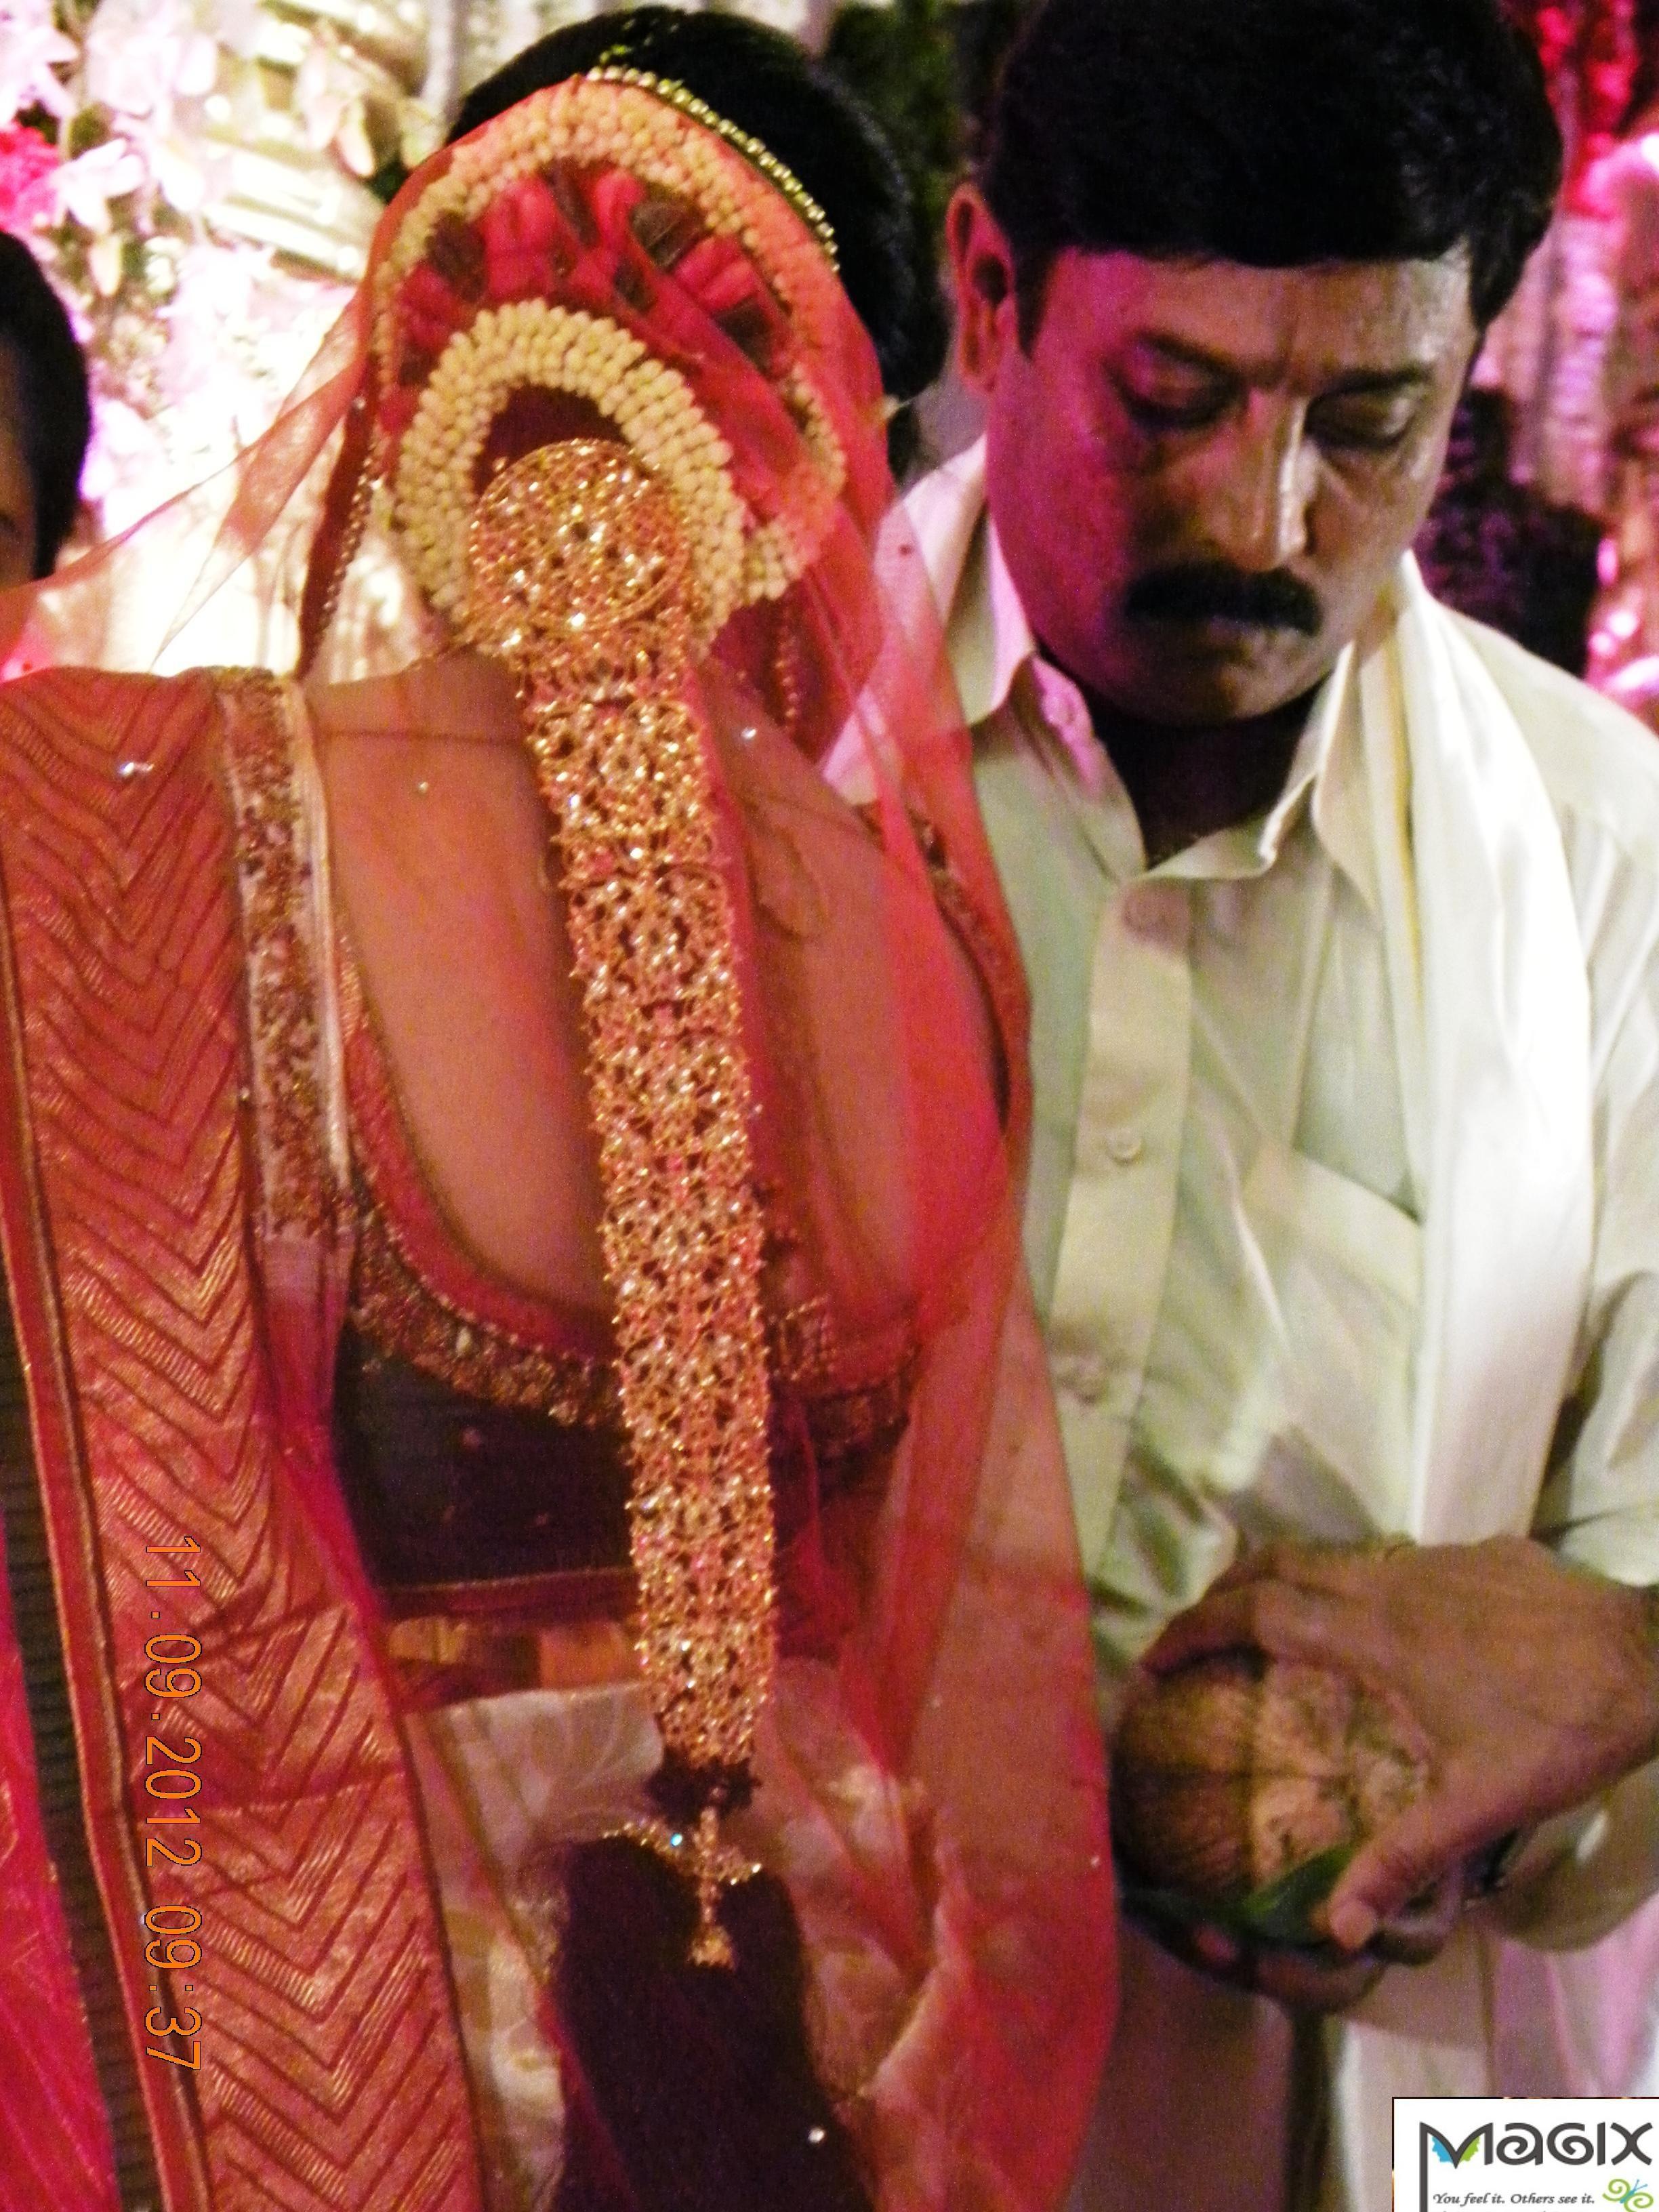 southindian bride wearing gold jade, muhurtham bridal